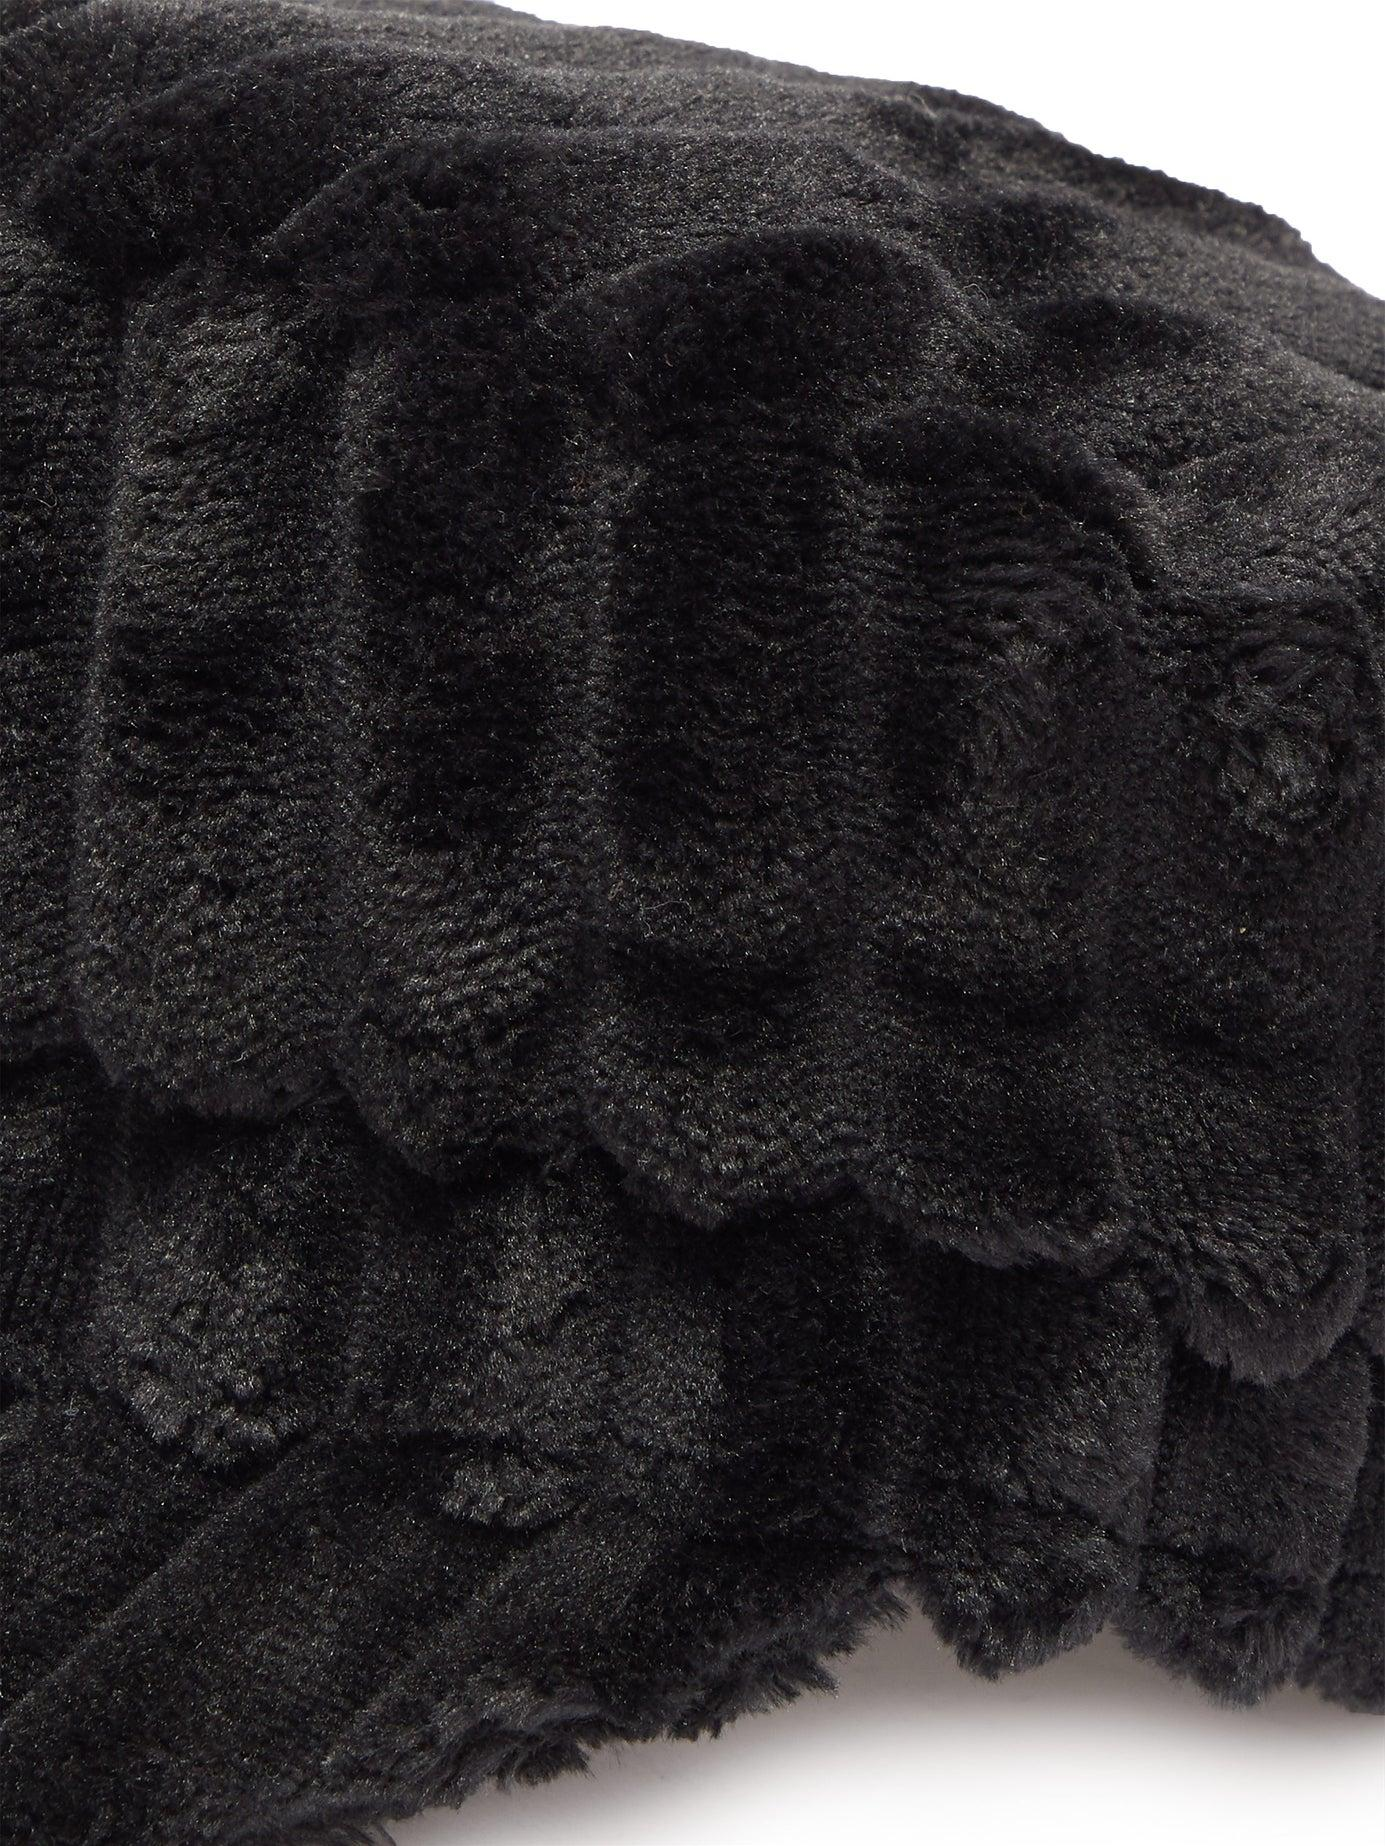 1109afc38645 Isabel Marant Evie Fleece Baker Boy Hat in Black - Save 64% - Lyst